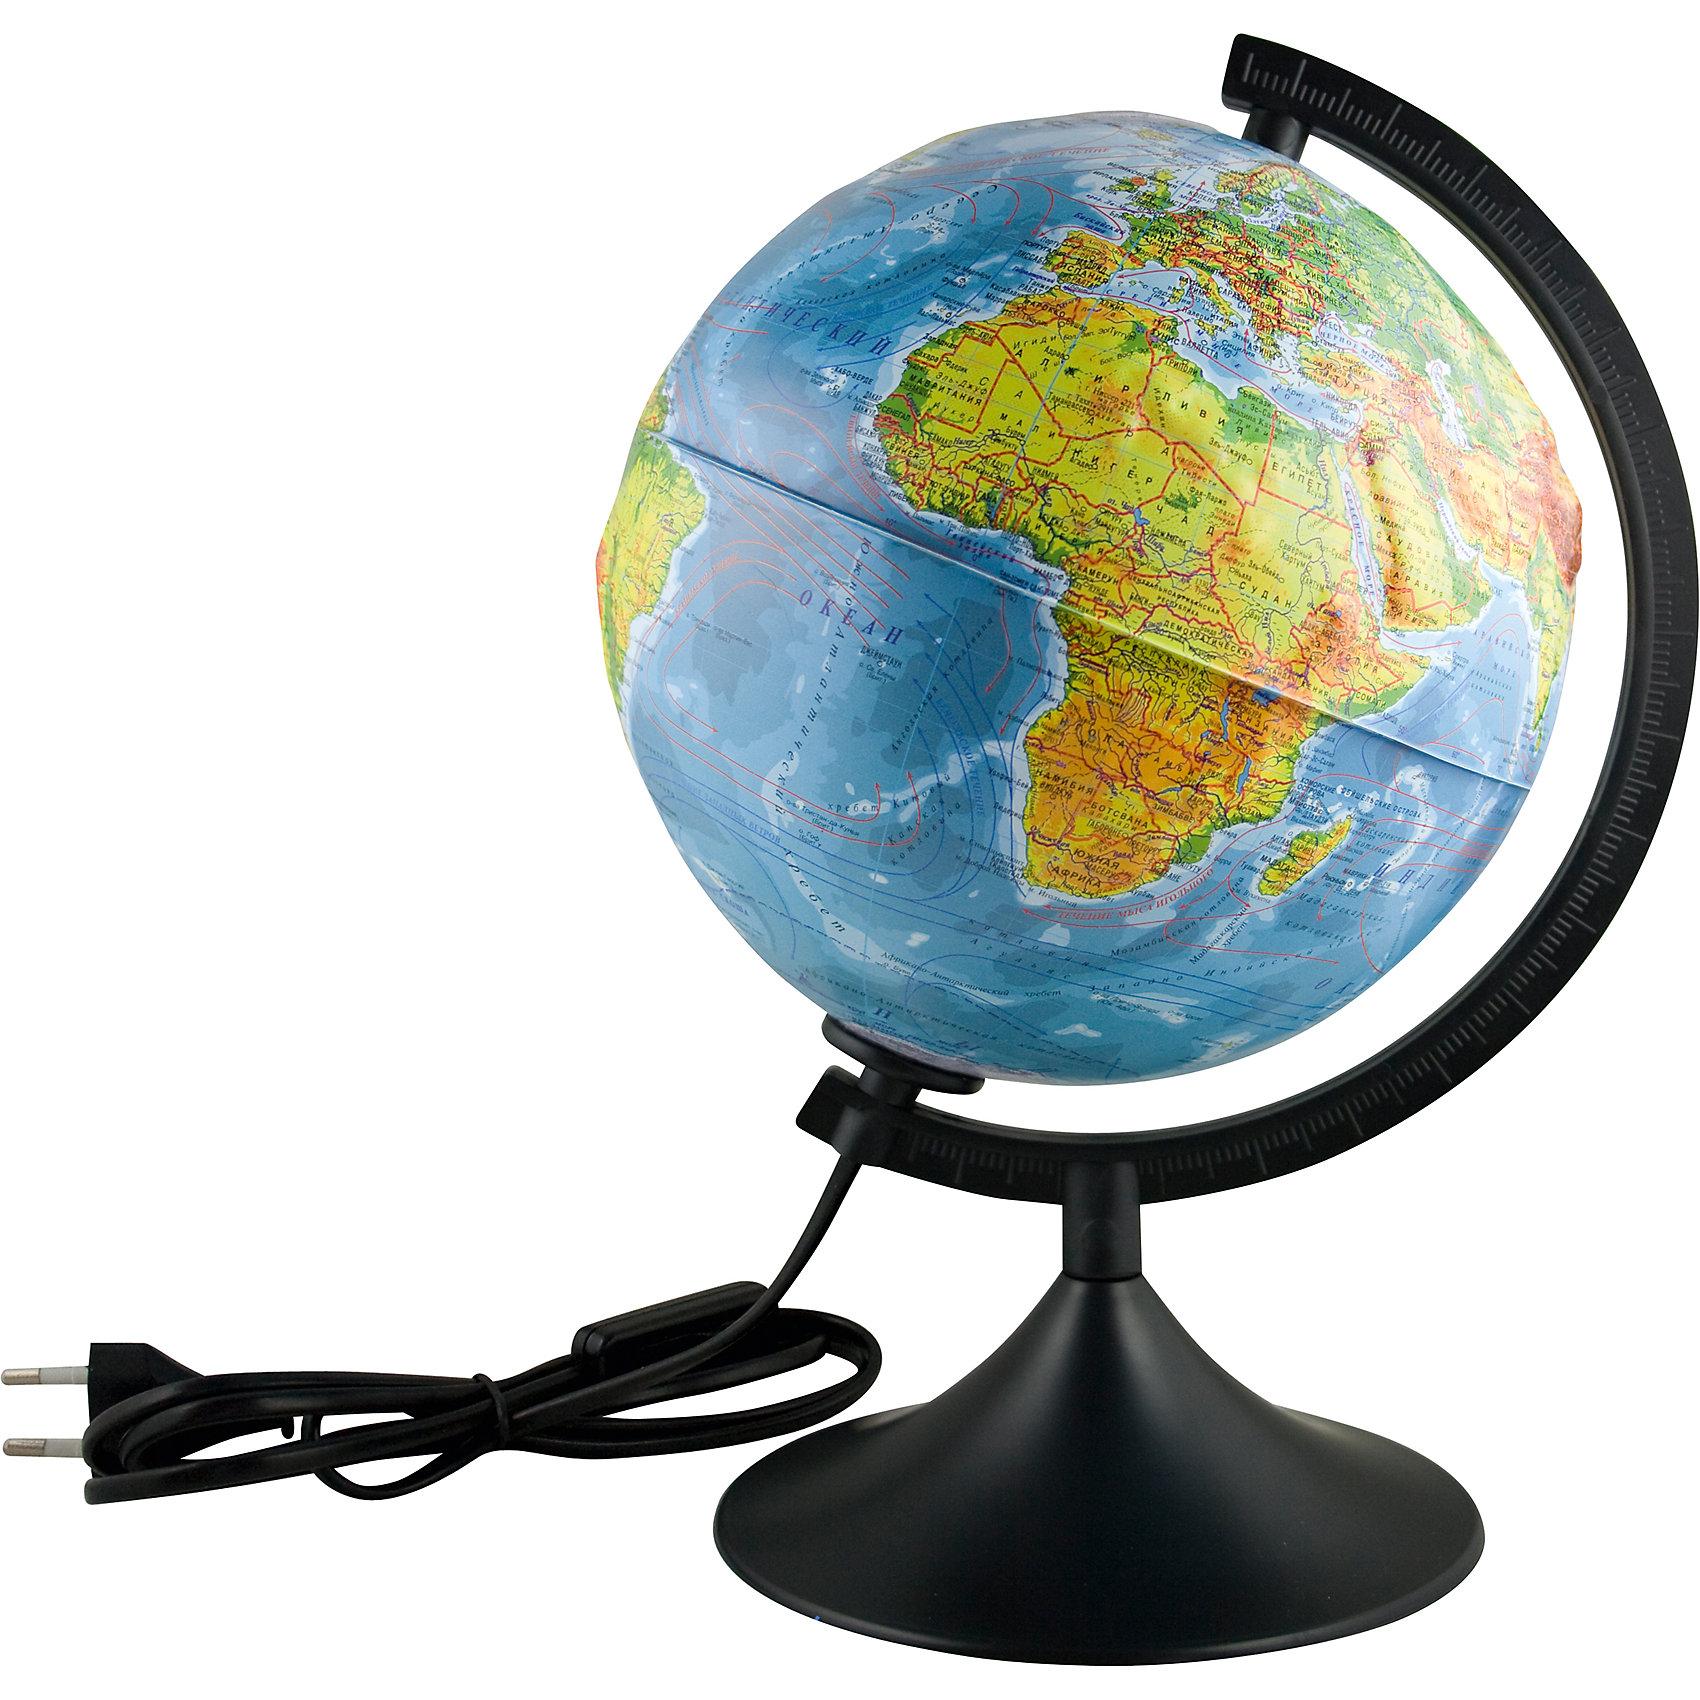 Глобус Земли физический рельефный с подсветкой, диаметр 250 ммГлобусы<br>Глобус Земли физический рельефный с подсветкой, д-р 250.<br><br>Характеристики:<br><br>• Для детей в возрасте: от 6 лет<br>• Диаметр: 25 см.<br>• Материал: пластик<br>• Цвет подставки и дуги: черный<br>• Подсветка работает от сети<br><br>Глобус Земли физический с подсветкой станет замечательным наглядным пособием для вашего ребенка. Физическая карта отображает ландшафт поверхности земного шара в соответствии с принятыми цветовыми условными обозначениями в картографии. Нанесены названия материков, океанов, морей, течений, заливов, горных хребтов, плоскогорий и низменностей, а также других географических объектов. Кроме этого отображены названия государств. Надписи яркие, четкие на русском языке. Карта имеет рельеф поверхности в соответствии с нанесенным на нее ландшафтом. Сфера глобуса изготовлена из прочного высококачественного пластика, поэтому она не расколется от случайного падения. Устойчивая подставка и дуга с градусными отметками выполнены из прочного высококачественного пластика черного цвета. Для усиления цветового эффекта рельефного ландшафта можно включить подсветку. Подсветка работает от стационарной сети в 220 Вольт. Провод изолирован, есть переключатель. Оптимальный диаметр глобуса 25 см позволит ему не занимать много места на столе.<br><br>Глобус Земли физический рельефный с подсветкой, д-р 250 можно купить в нашем интернет-магазине.<br><br>Ширина мм: 270<br>Глубина мм: 250<br>Высота мм: 250<br>Вес г: 900<br>Возраст от месяцев: 72<br>Возраст до месяцев: 2147483647<br>Пол: Унисекс<br>Возраст: Детский<br>SKU: 5504472